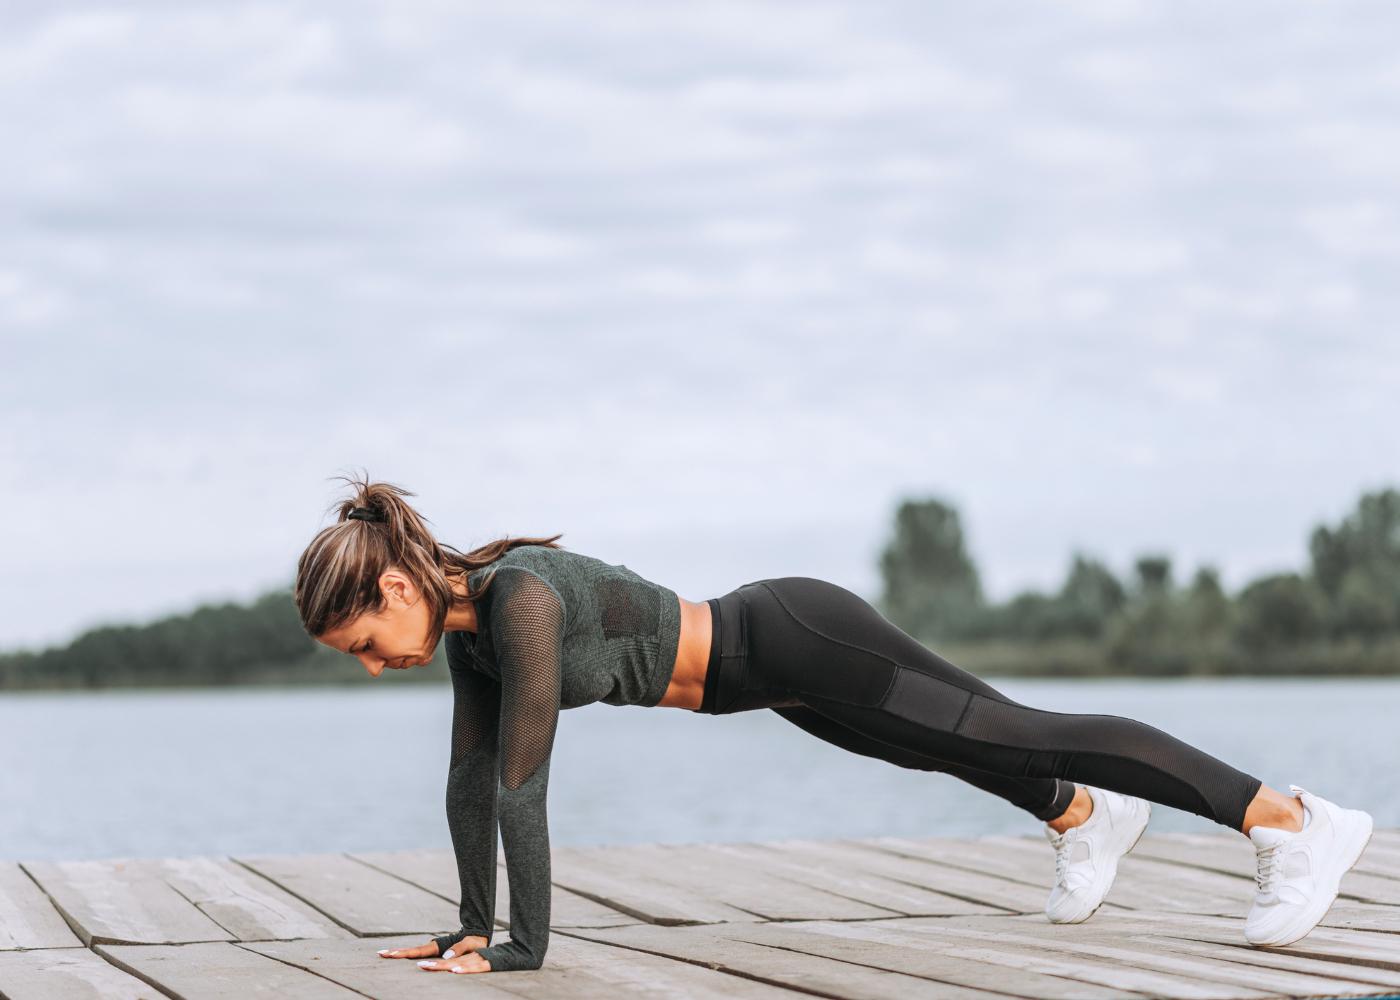 Mulher a fazer exercício de prancha à beira rio